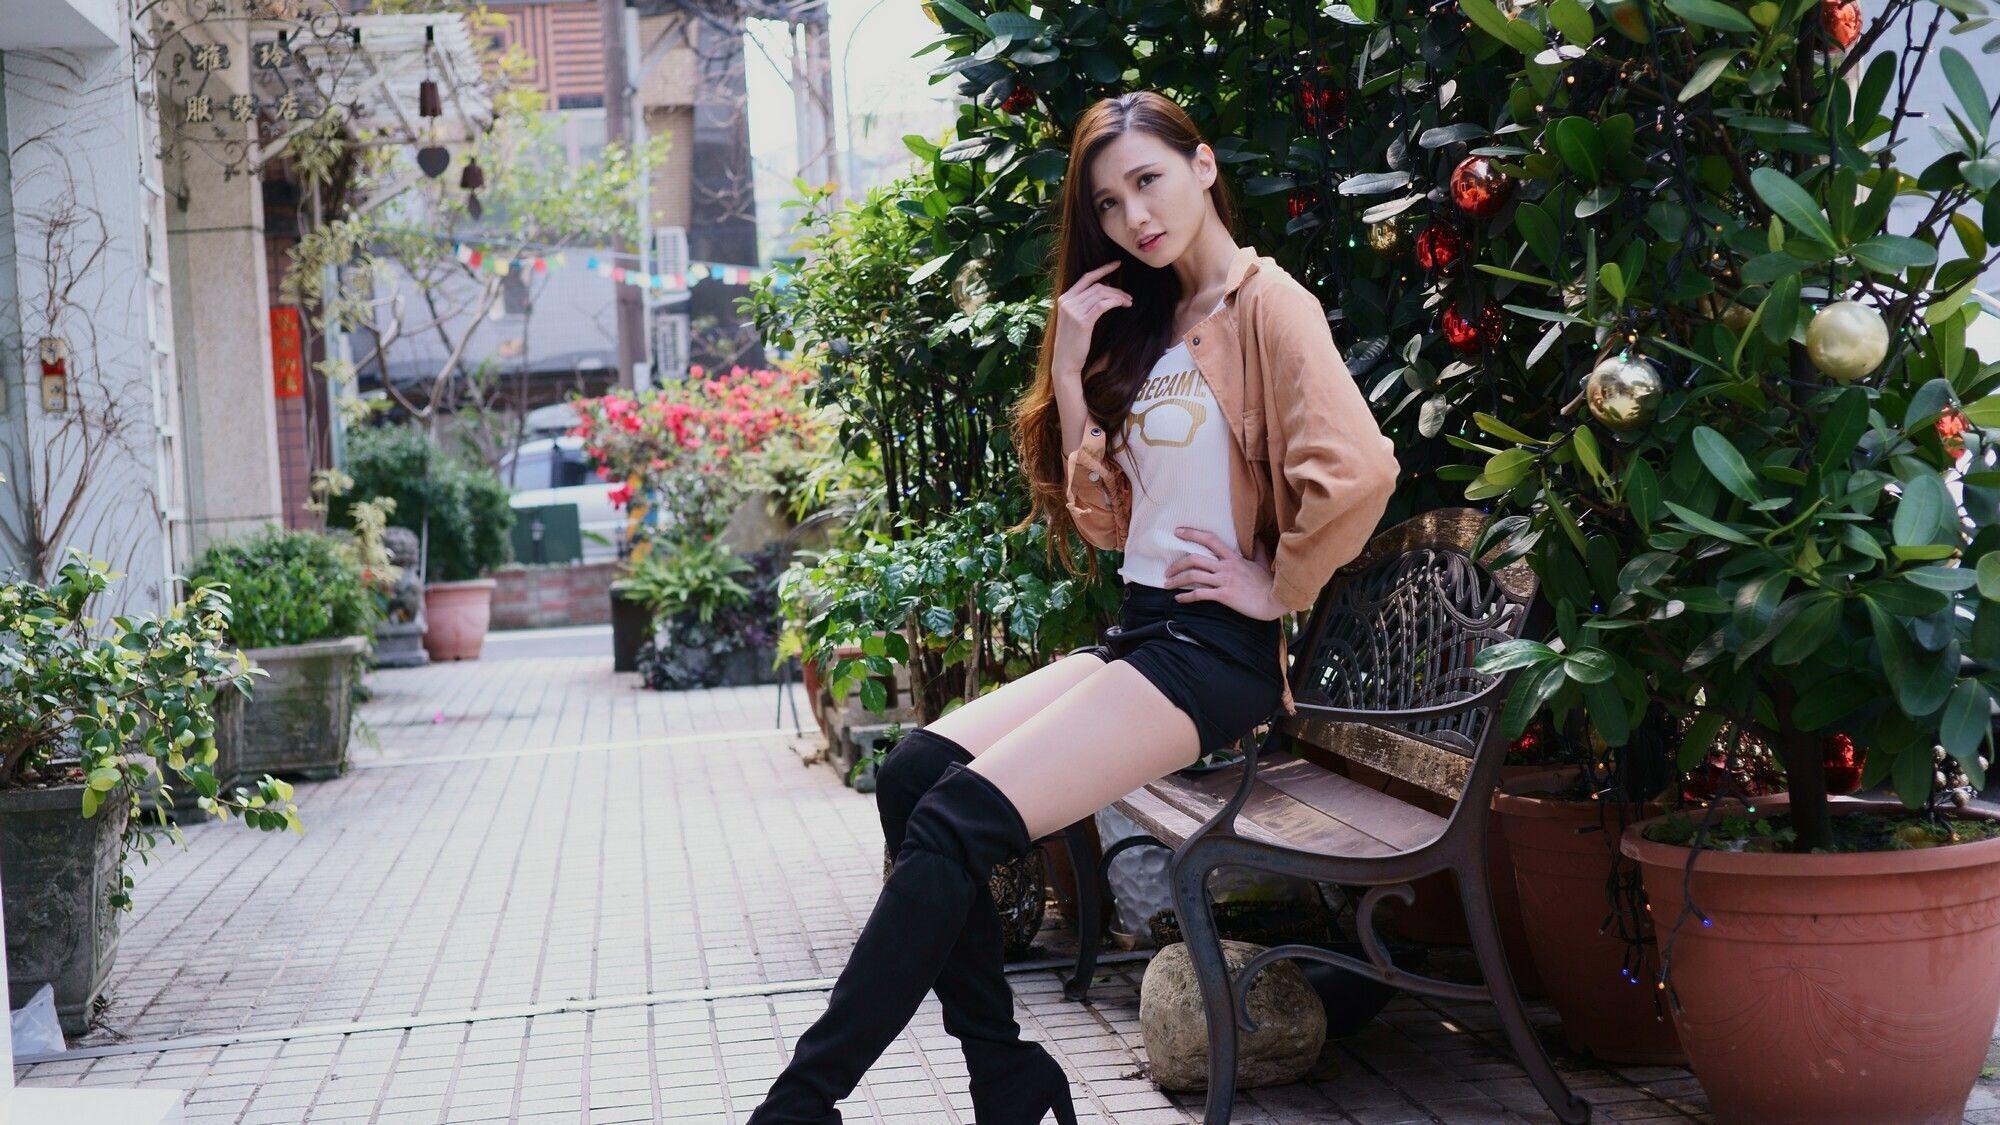 ニーハイブーツを履いた台湾美女Candice 5